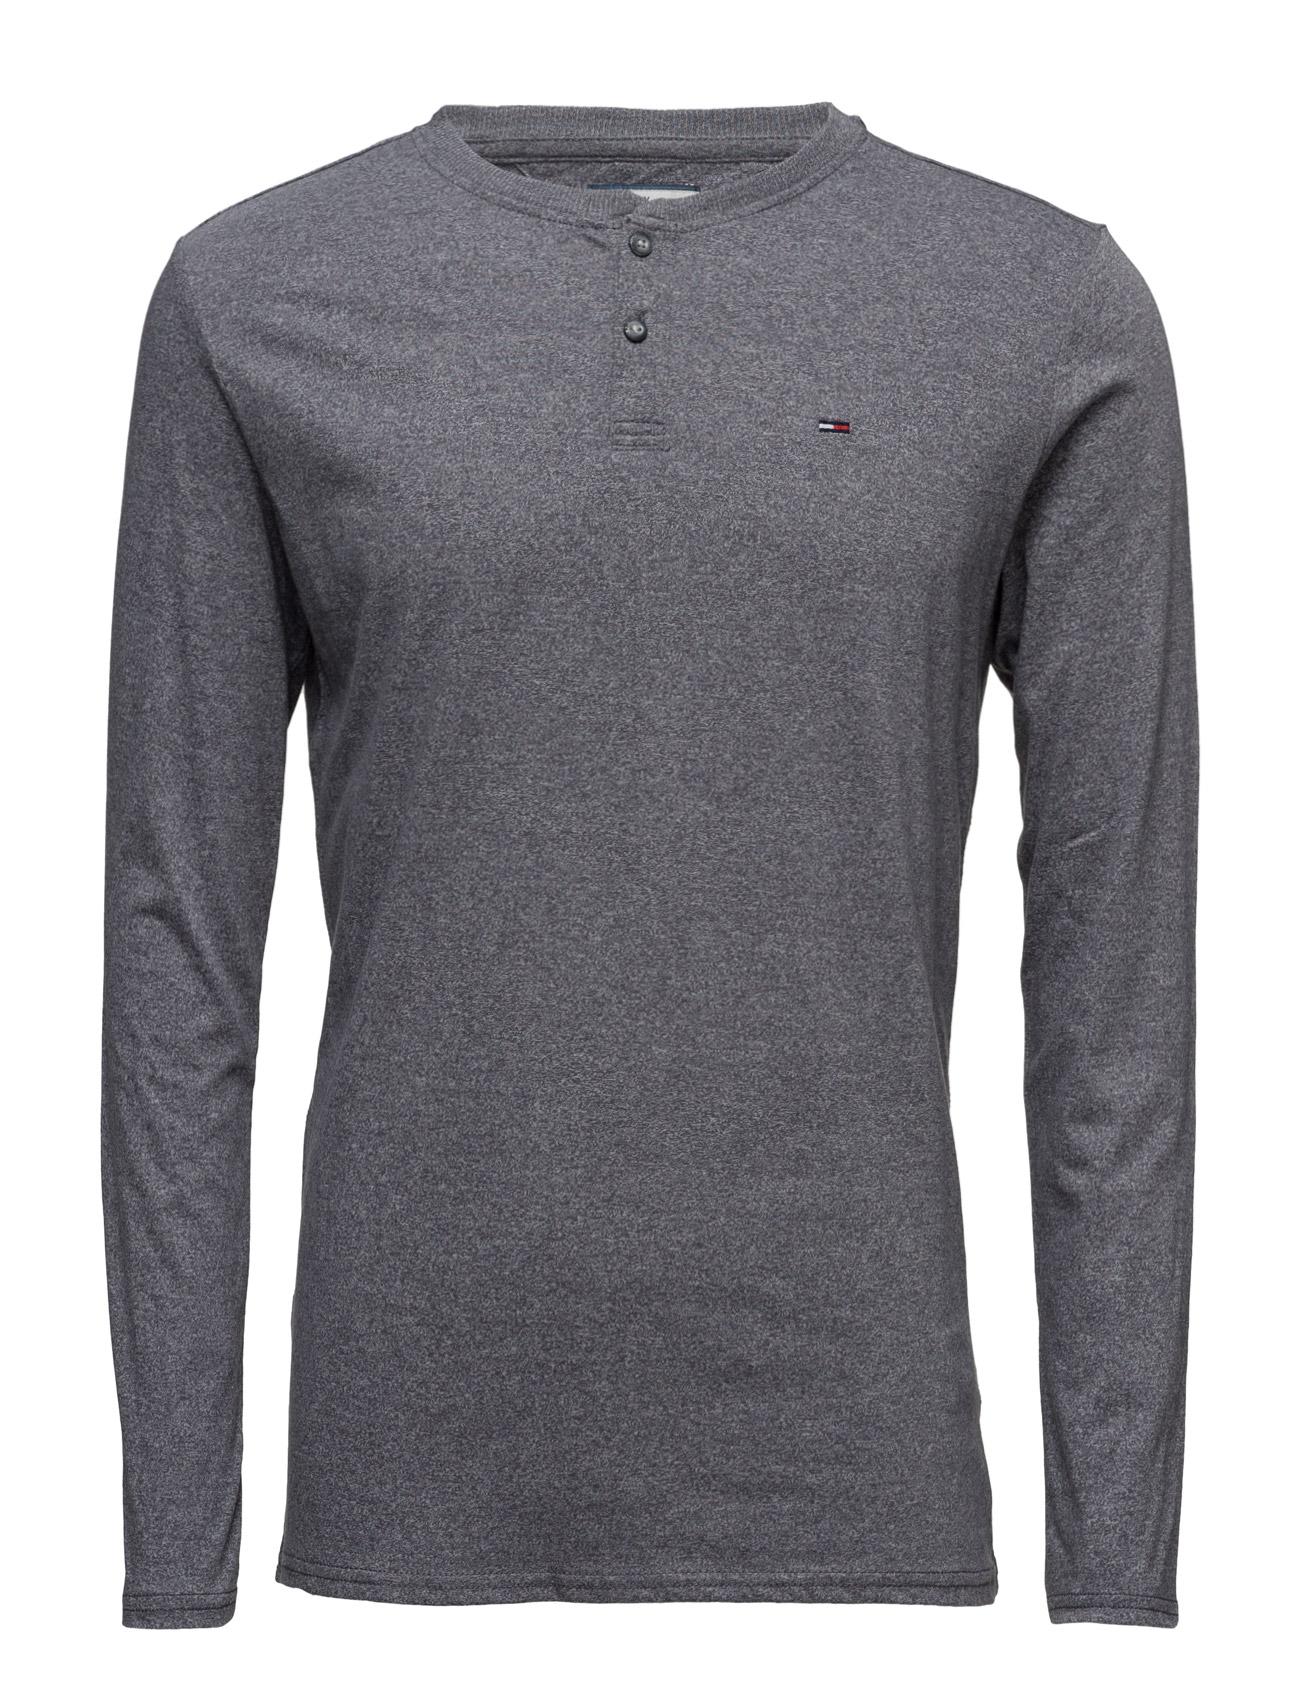 Thdm Basic Henley Knit L/S 40 Hilfiger Denim T-shirts til Mænd i